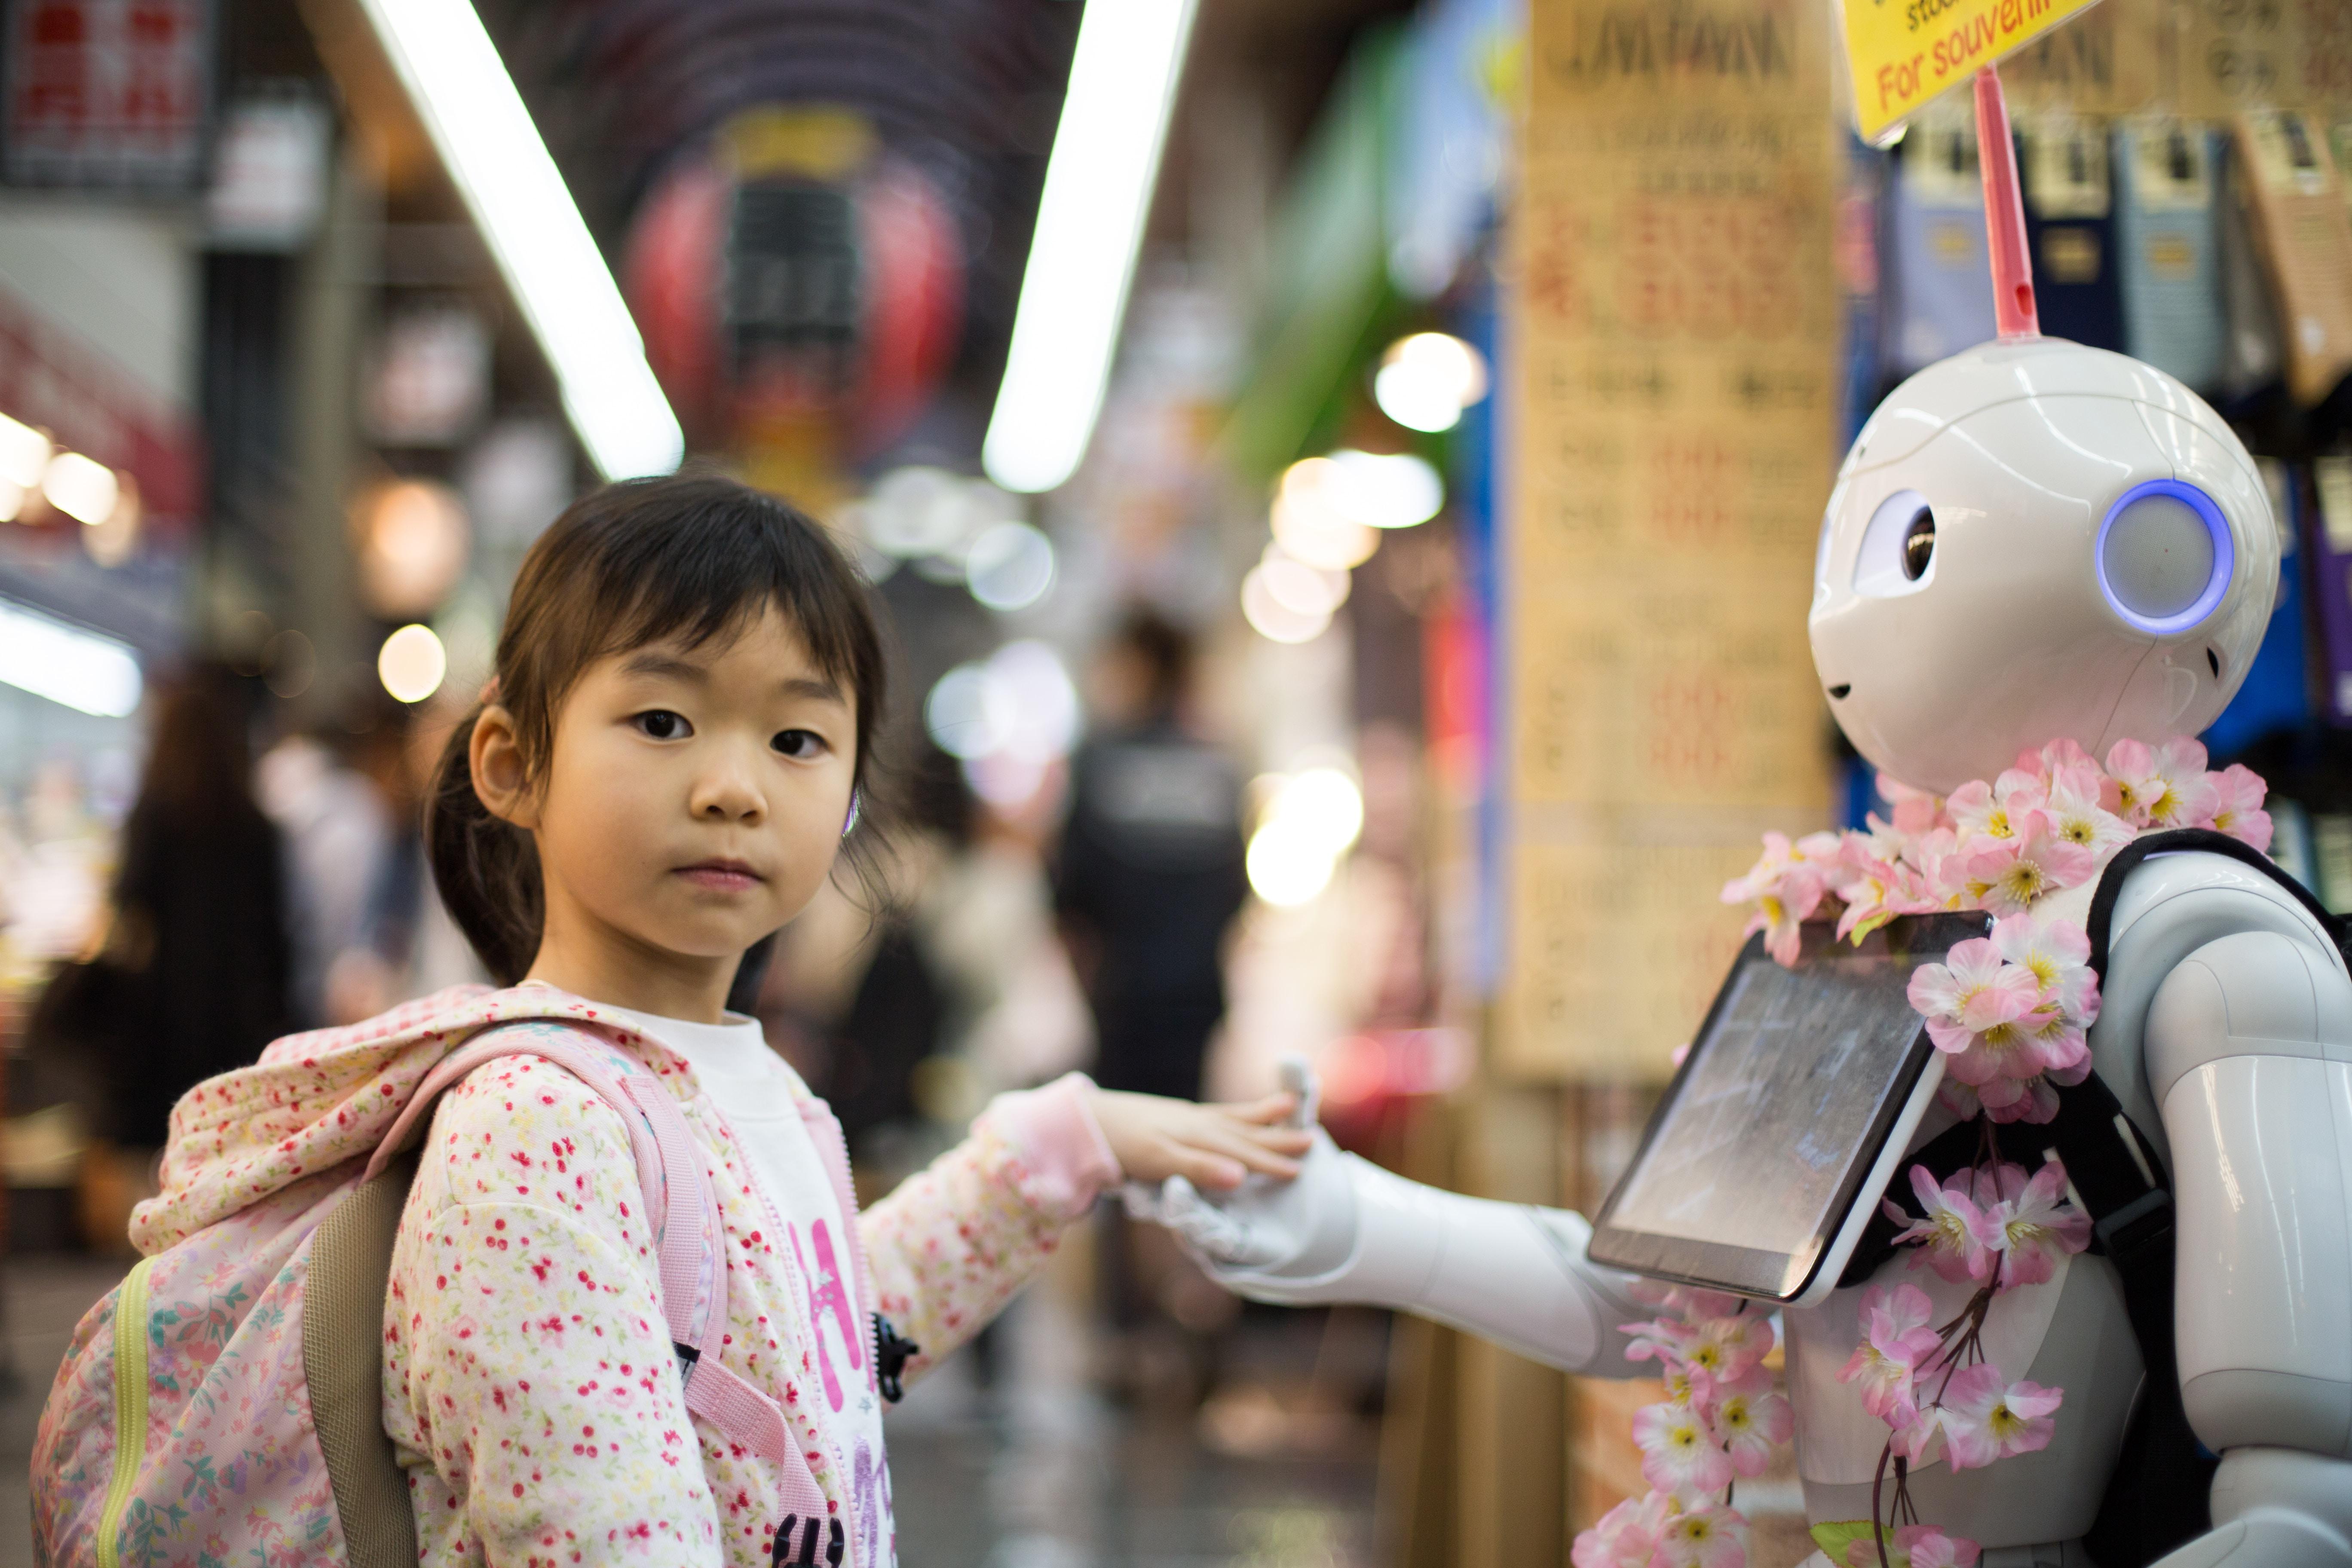 Rob'autisme ou quand le robot devient une prothèse communicationnelle - Entretien avec Sophie Sakka